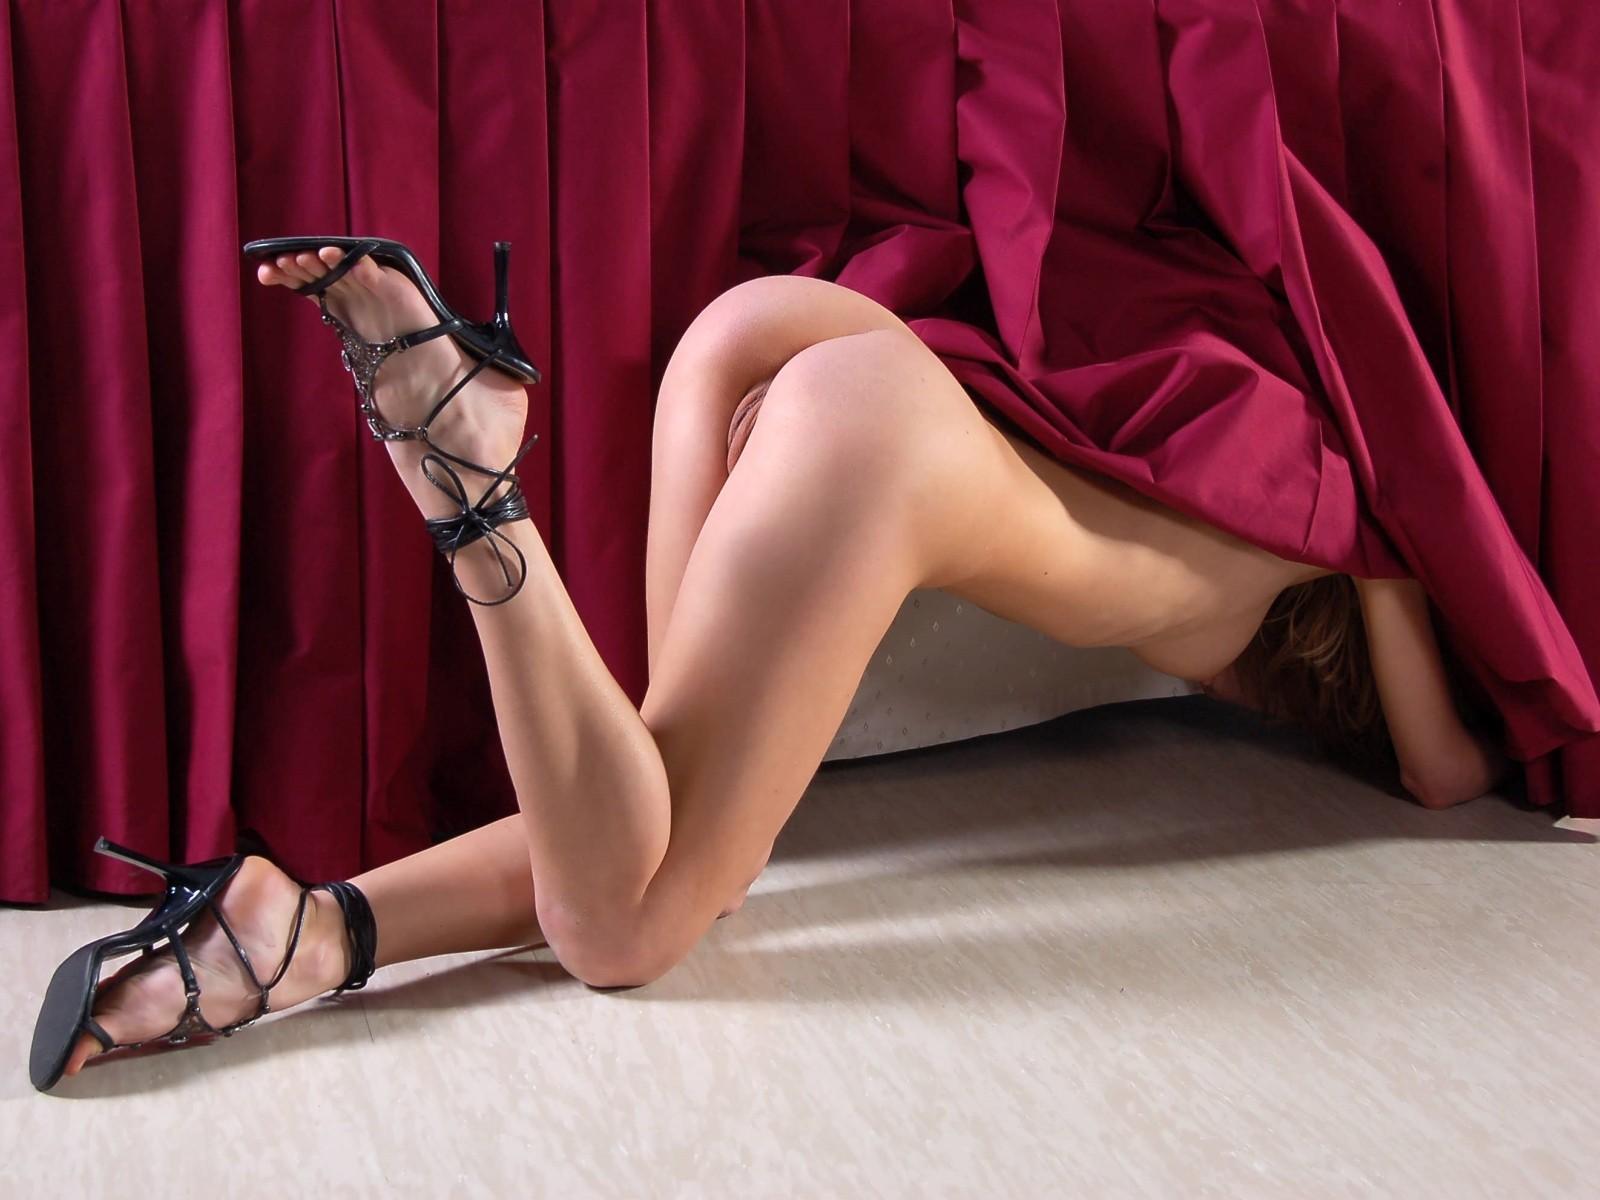 Фото ступней женщин эротика